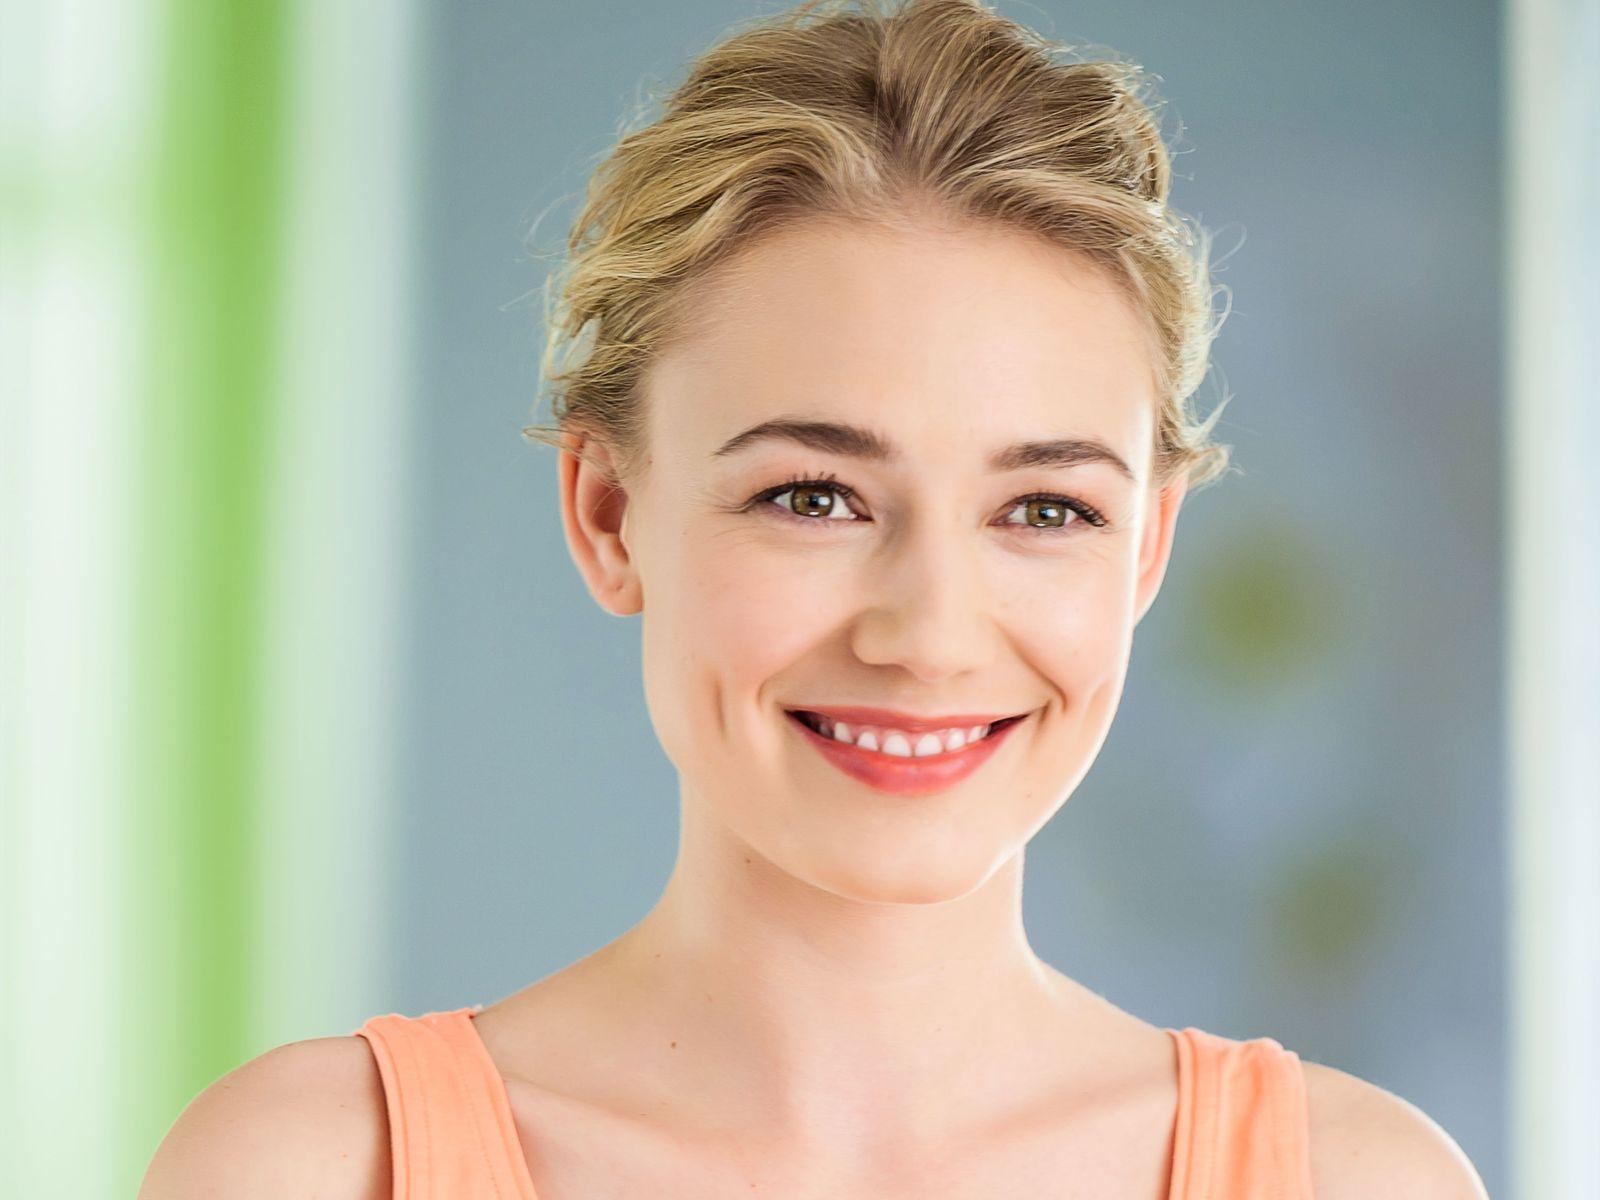 Фото актрис россии 18, Самые красивые актрисы России (Топ-30, фото) 22 фотография